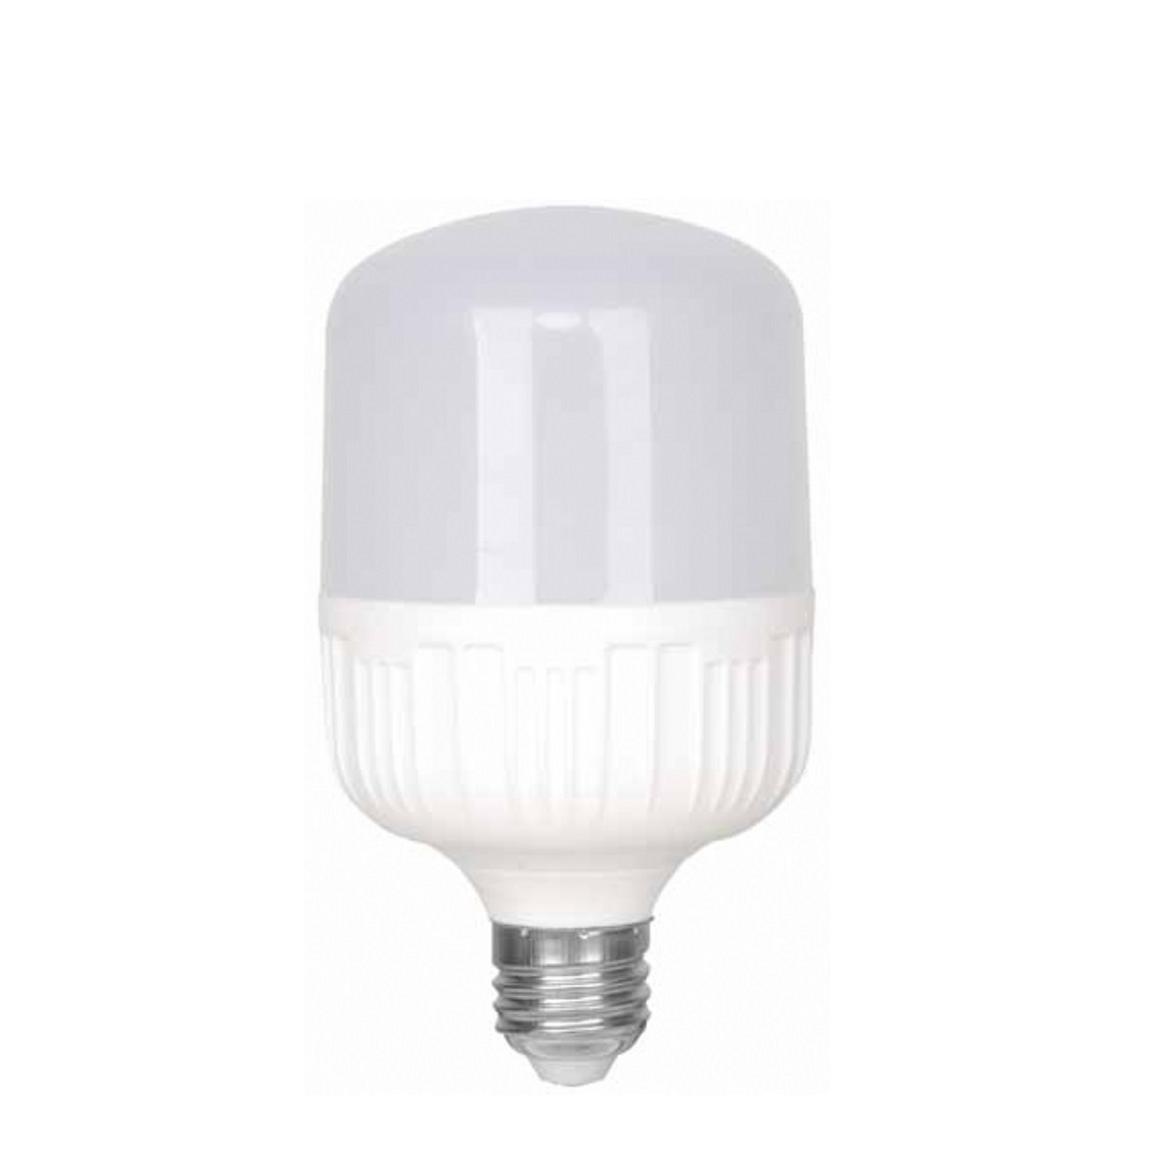 K2 GLOBAL KES132 - 40 Watt LED Torch Ampul